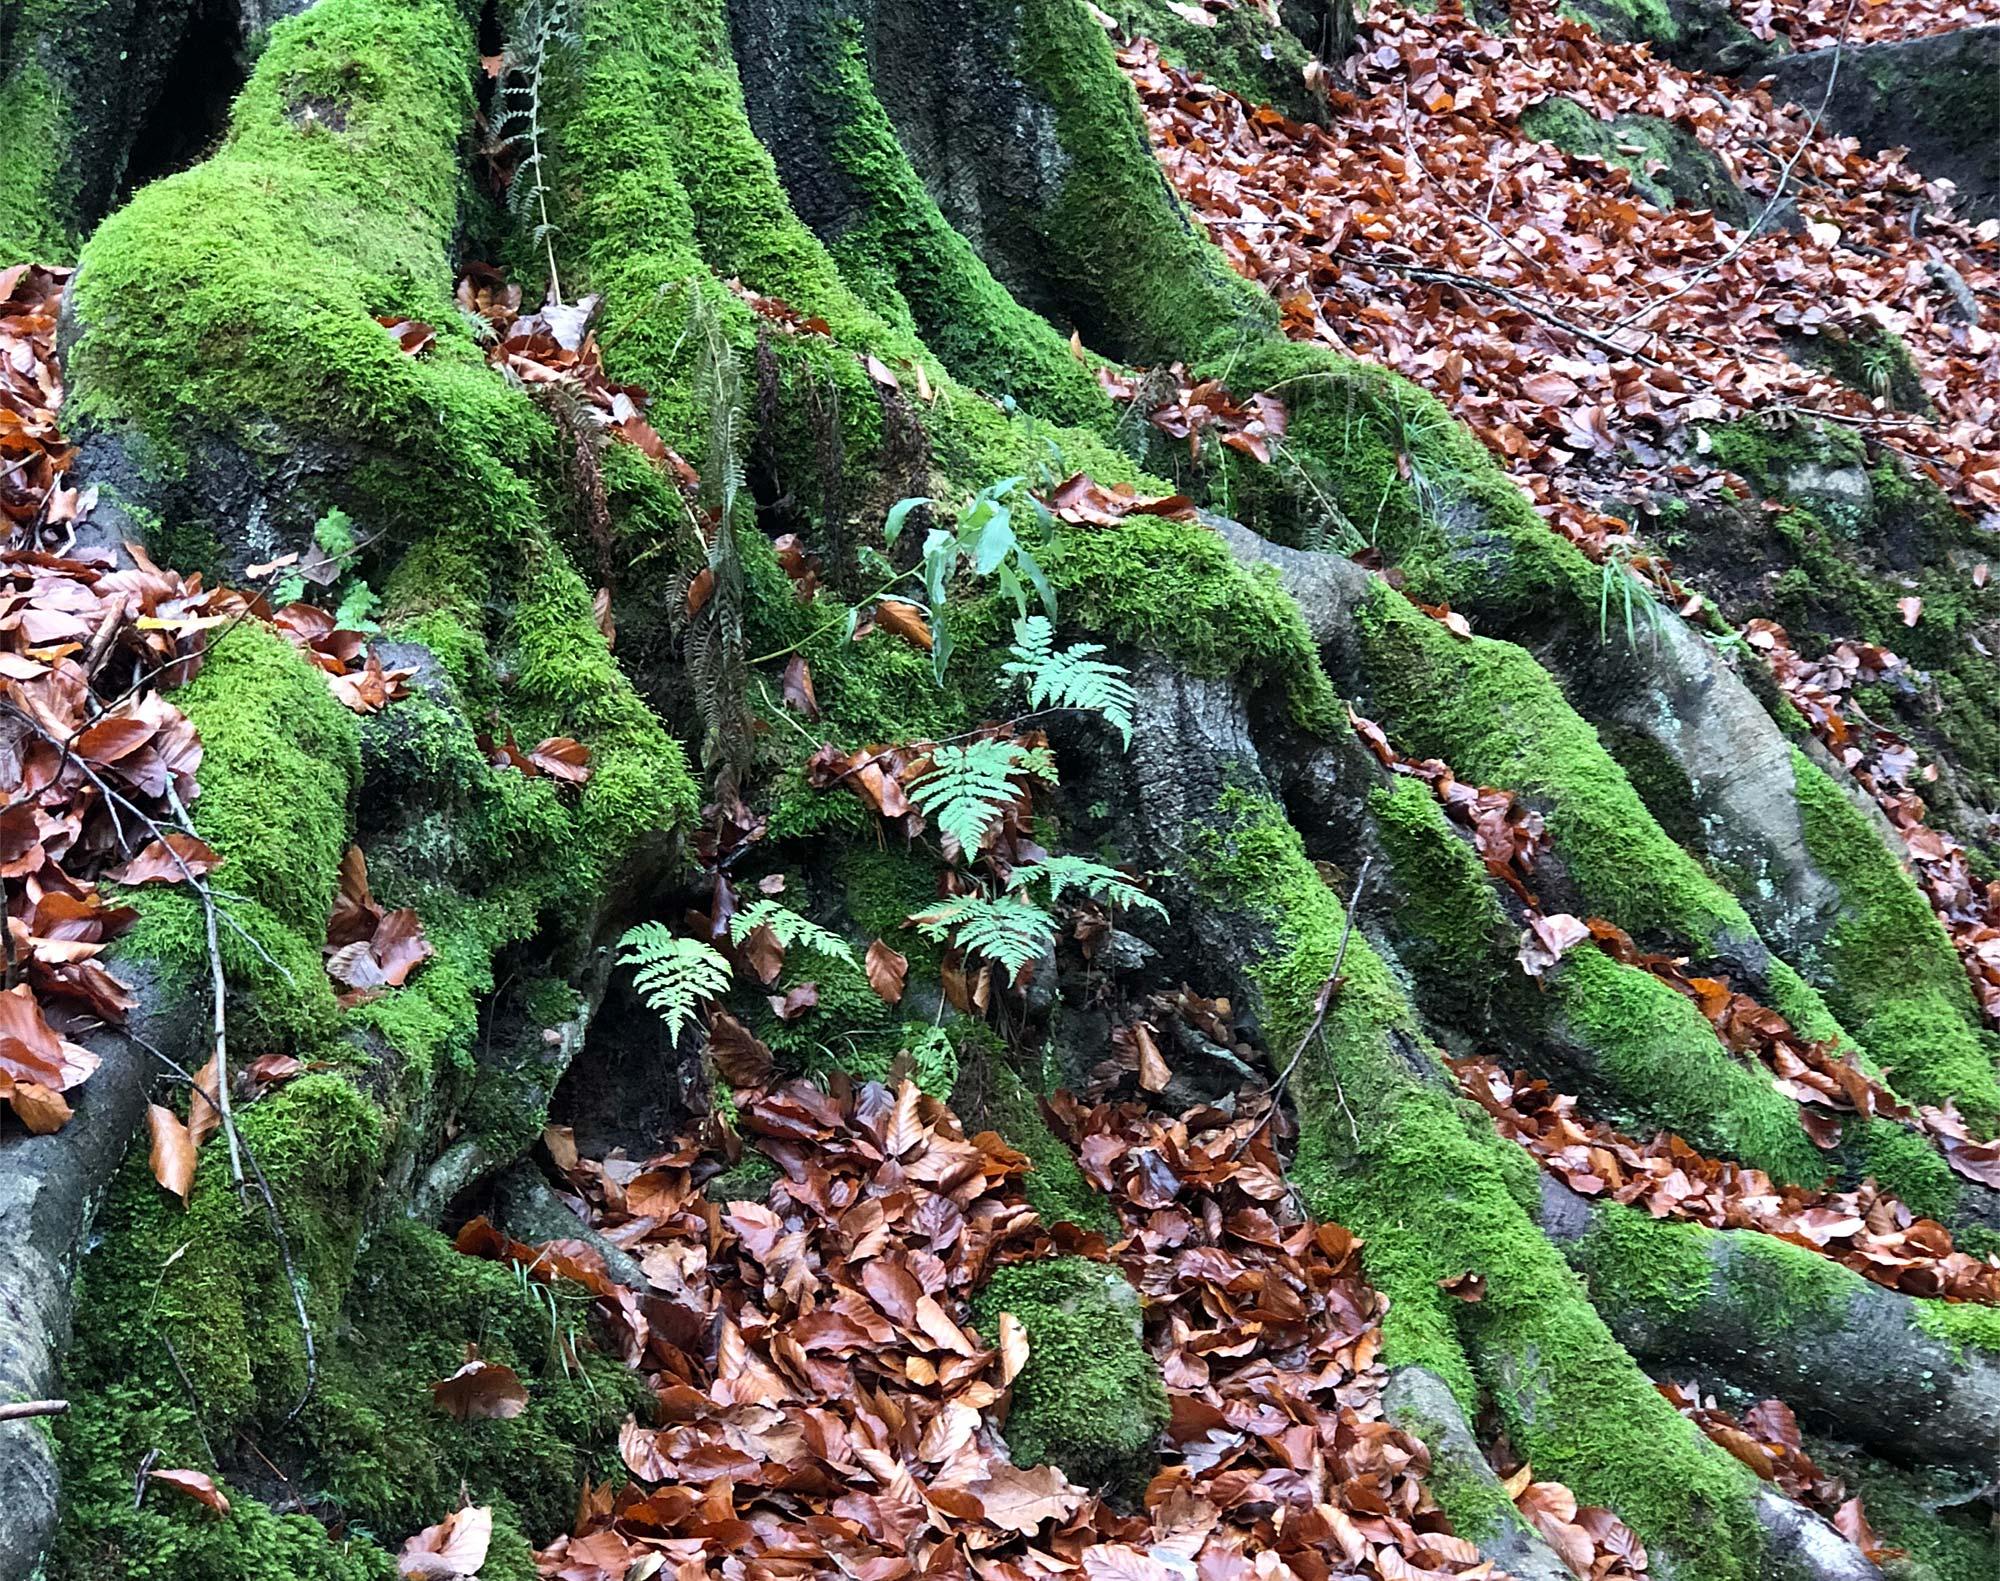 Die Naturlandschaft wirkt jetzt in der kälteren Jahreshälfte mystisch